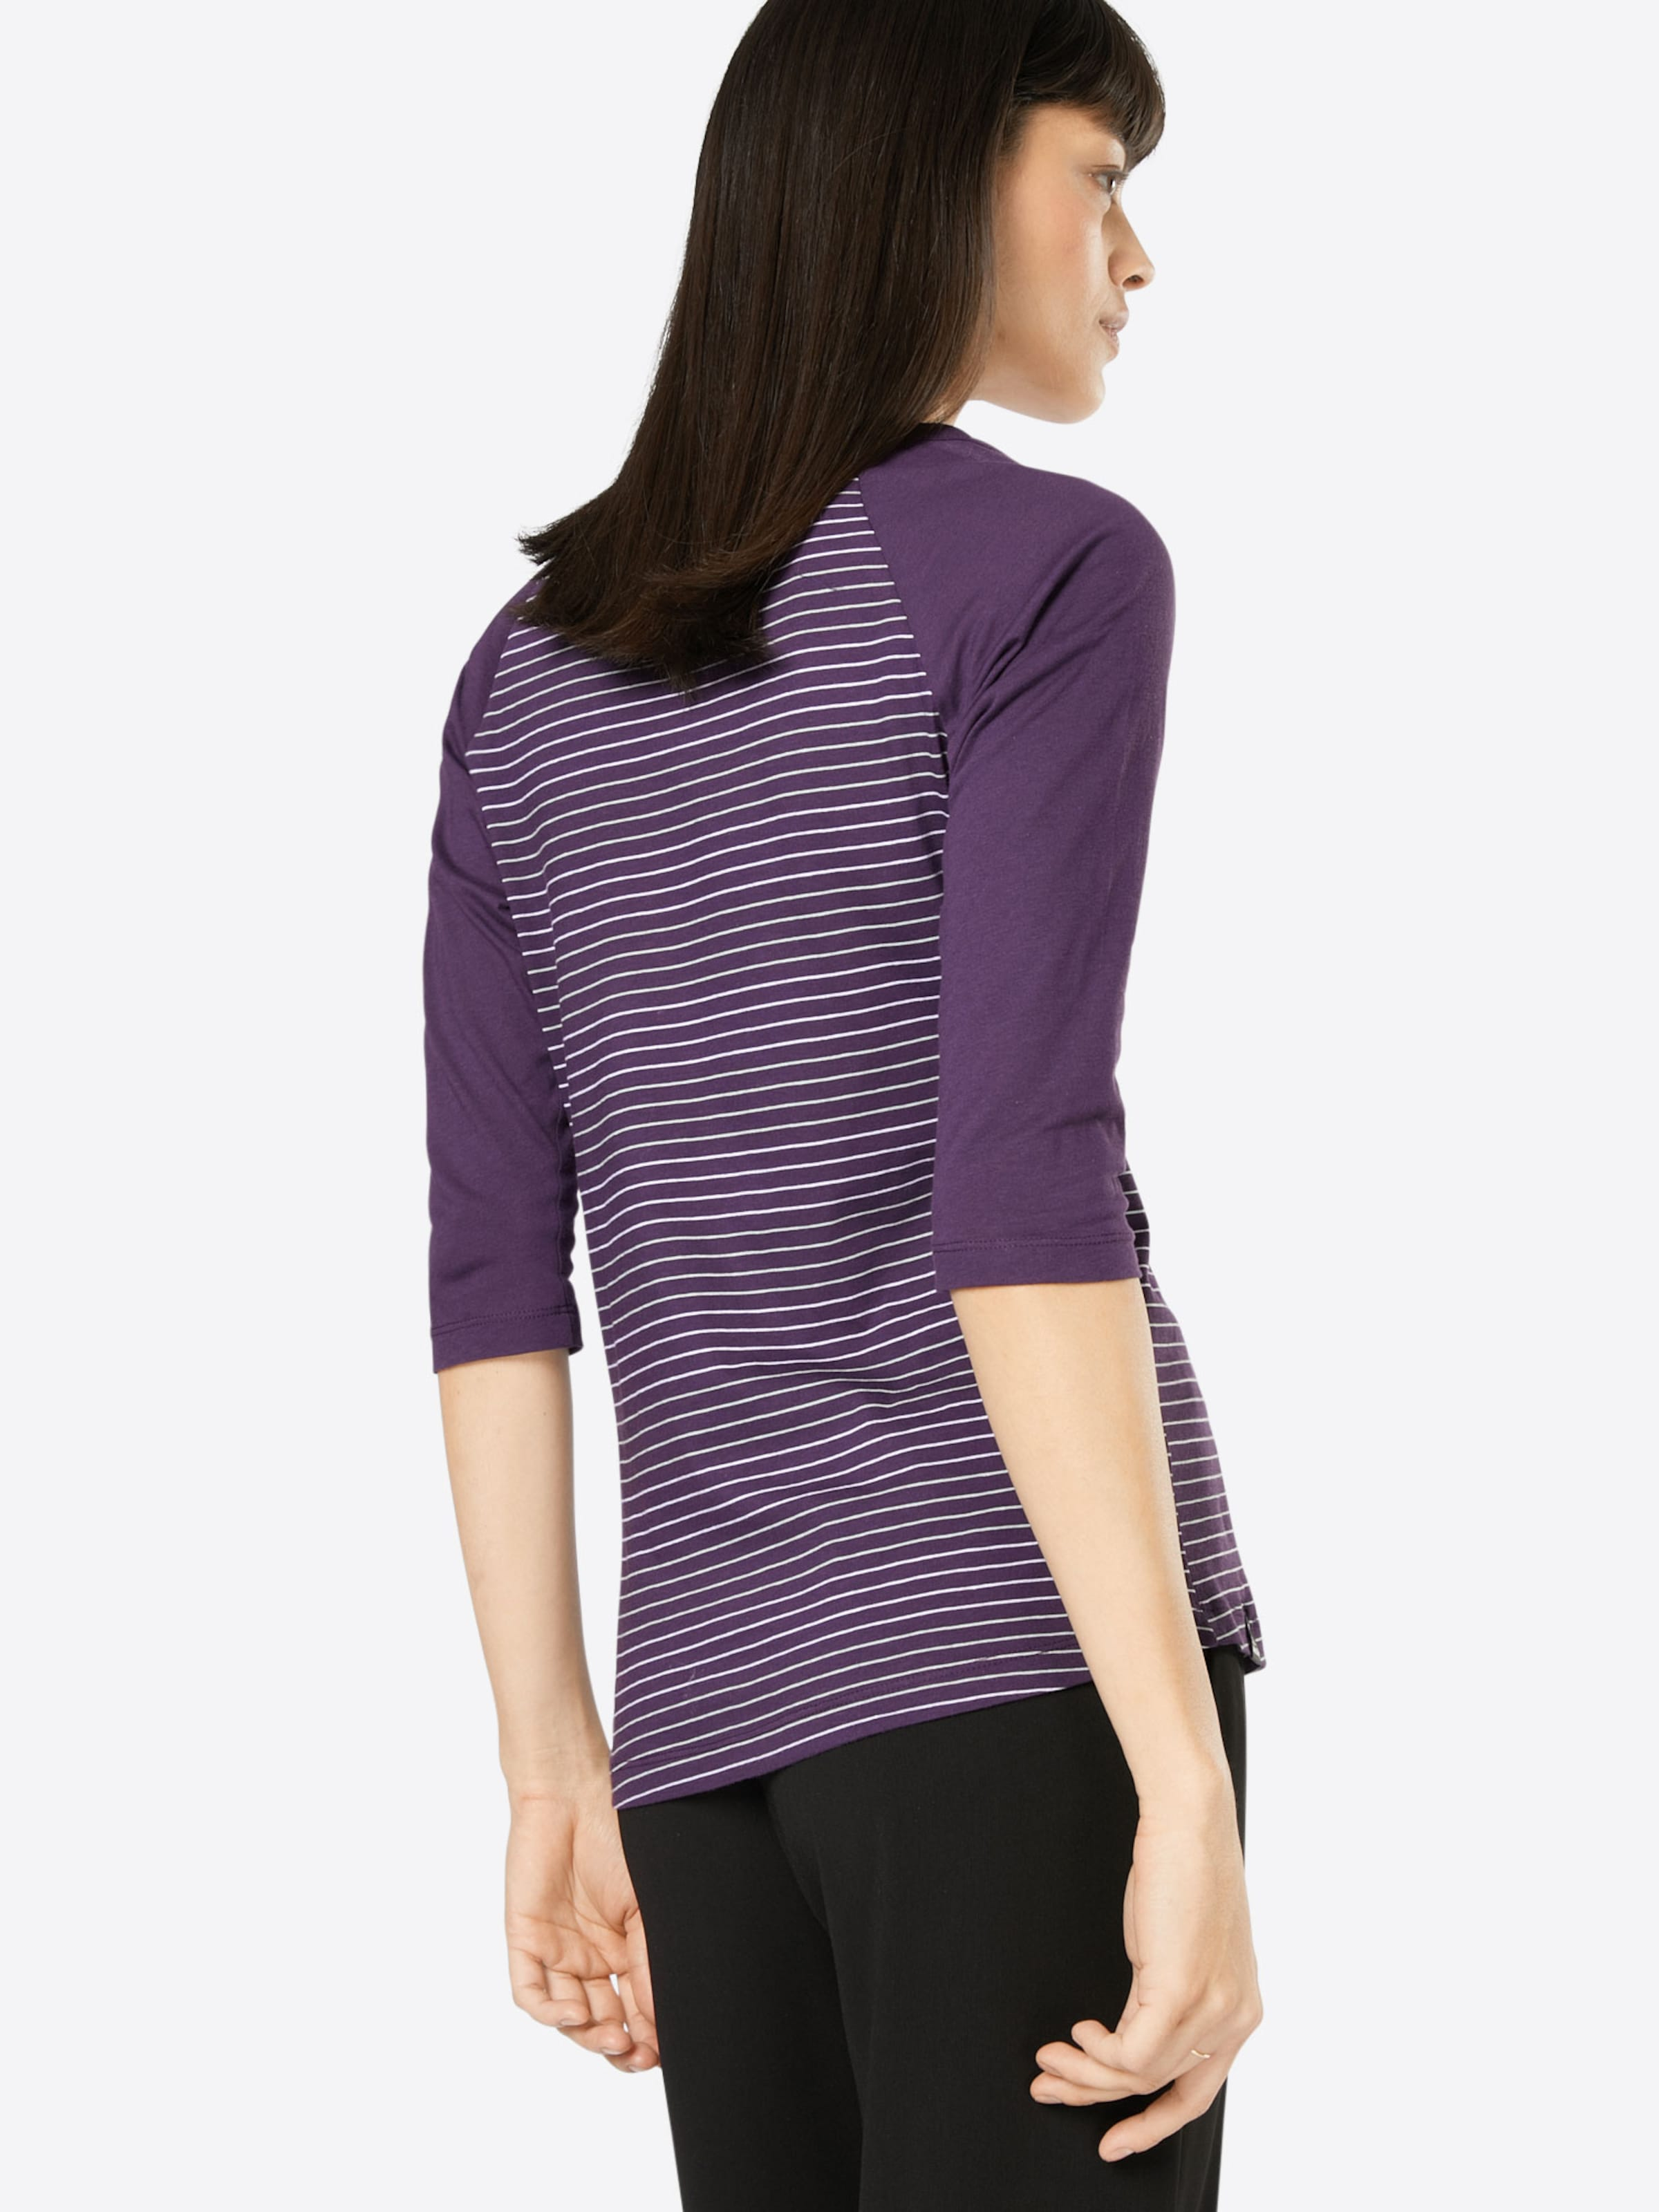 Iriedaily Shirt mit Raglan-Ärmeln 100% Ig Garantiert Günstig Online Verkauf Zahlen Mit Paypal HELTOdwRHB